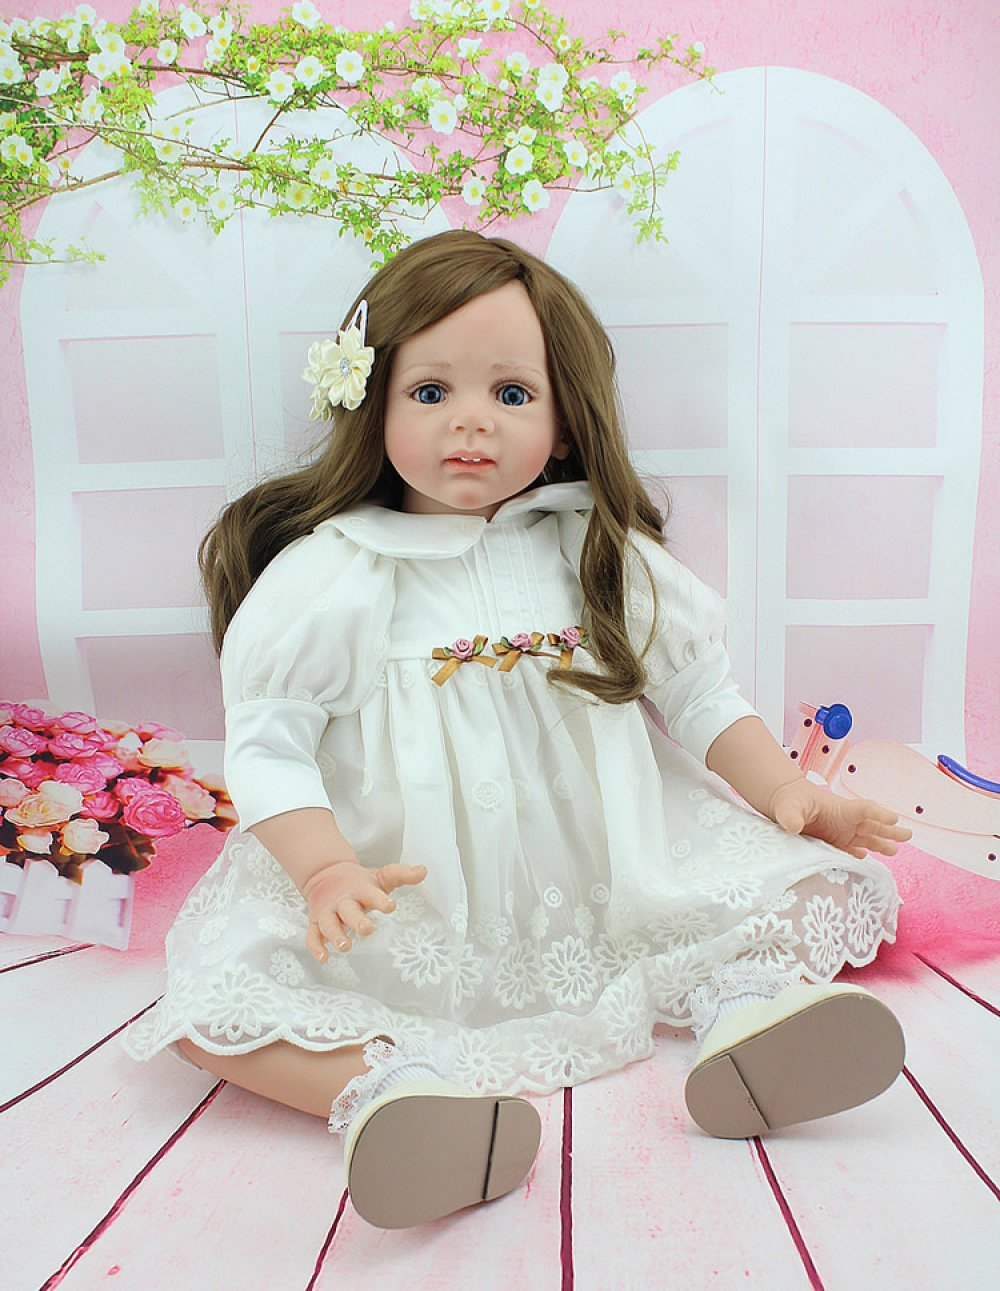 CHENGXX Regali di Natale Le Bambole di Simulazione I Bambini Giocattolo Carino Ragazza Regali Bambole del Bambino Rinascita 24 Pollici 60 Cm